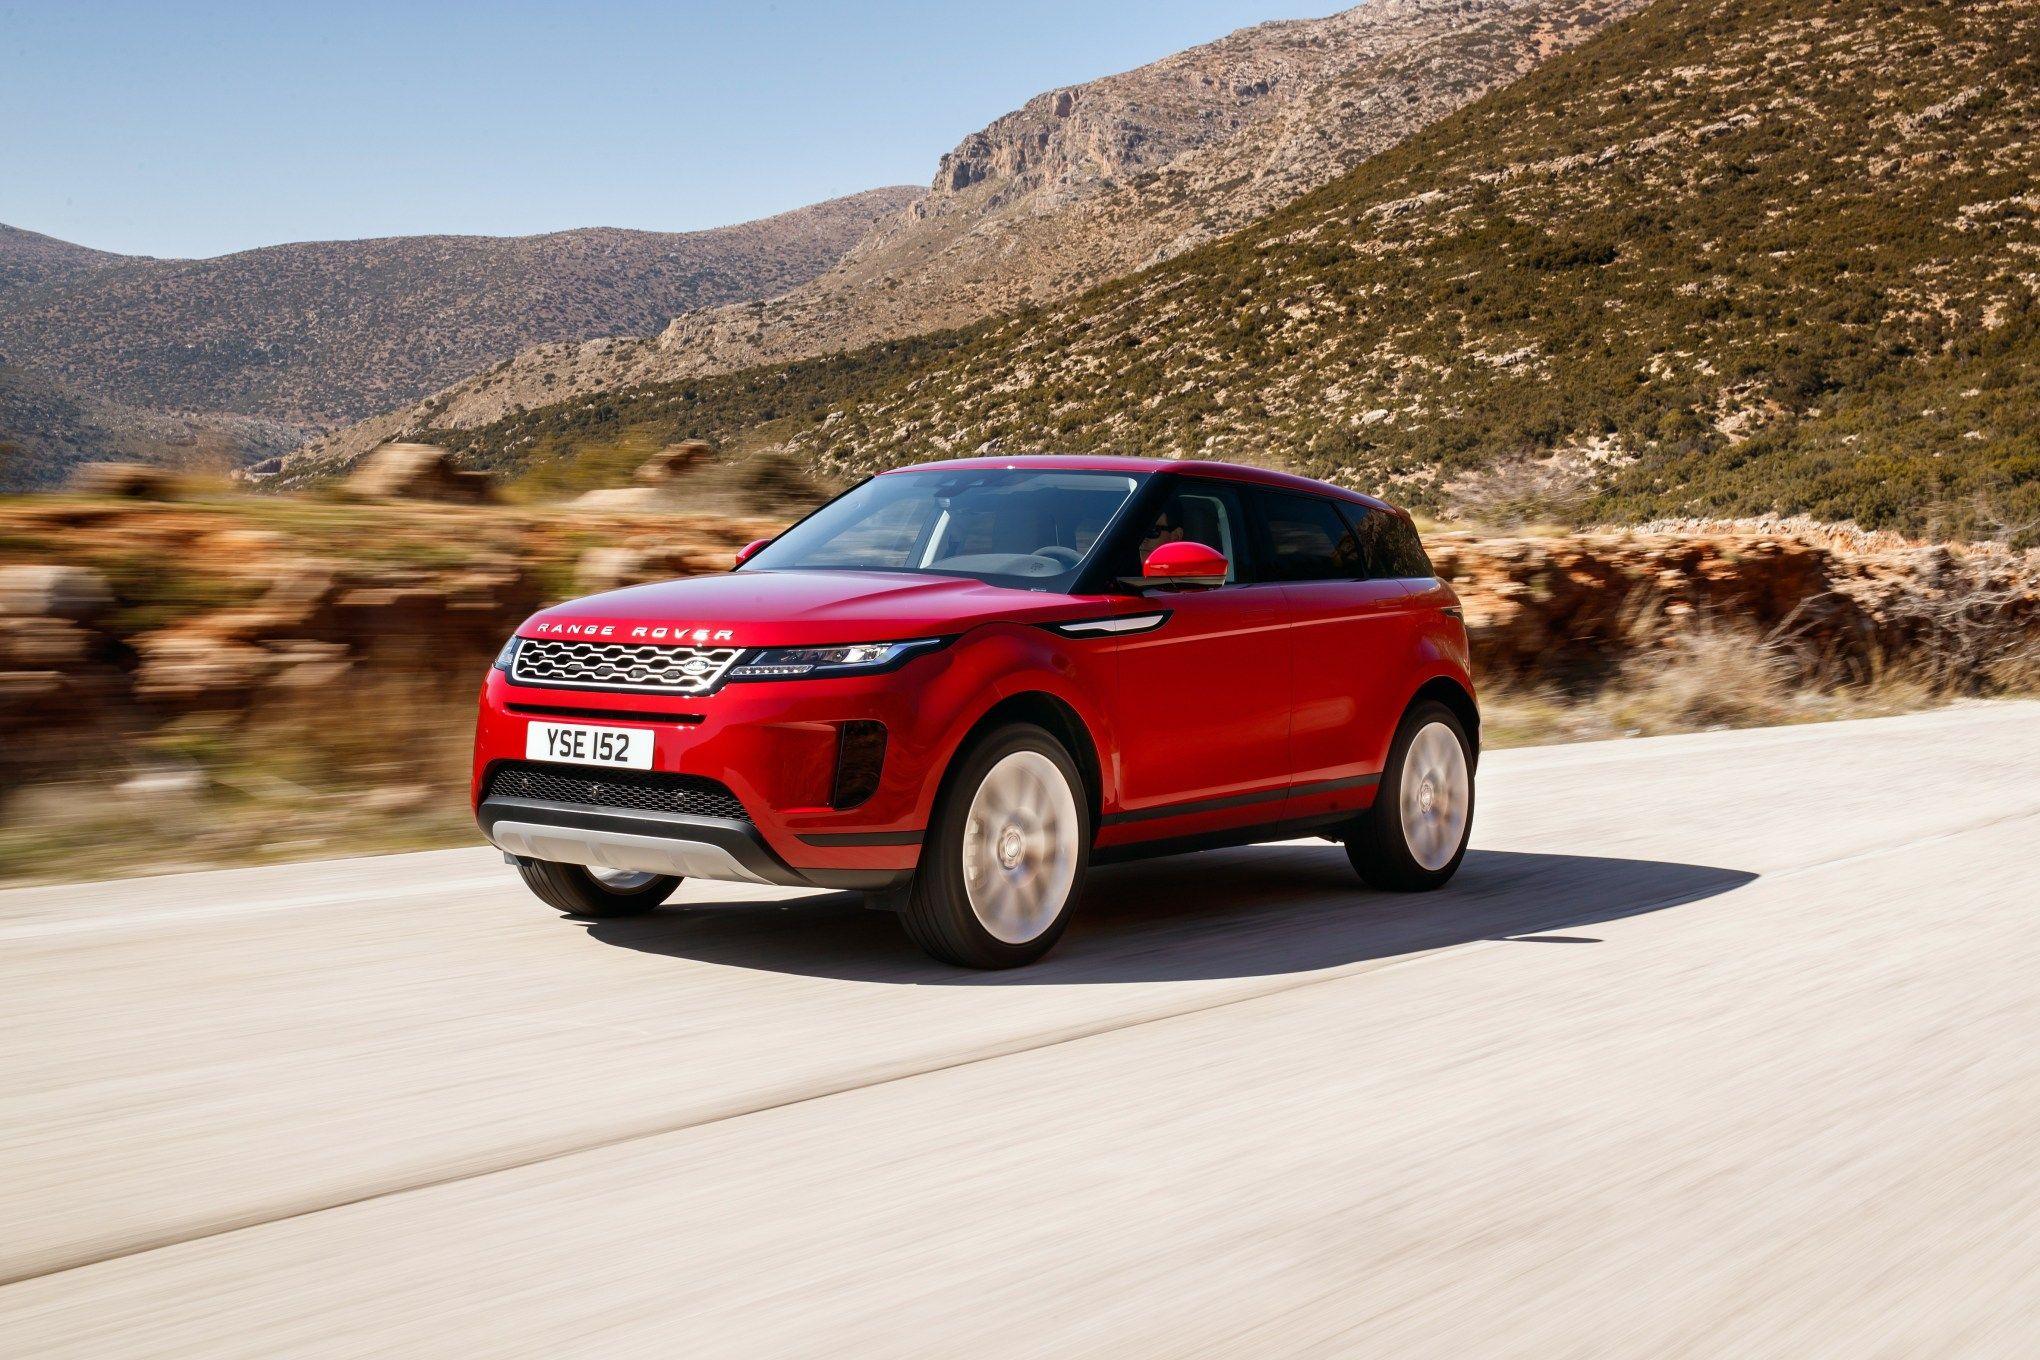 Totalmente rediseñado, llega a Puerto Rico el Range Rover